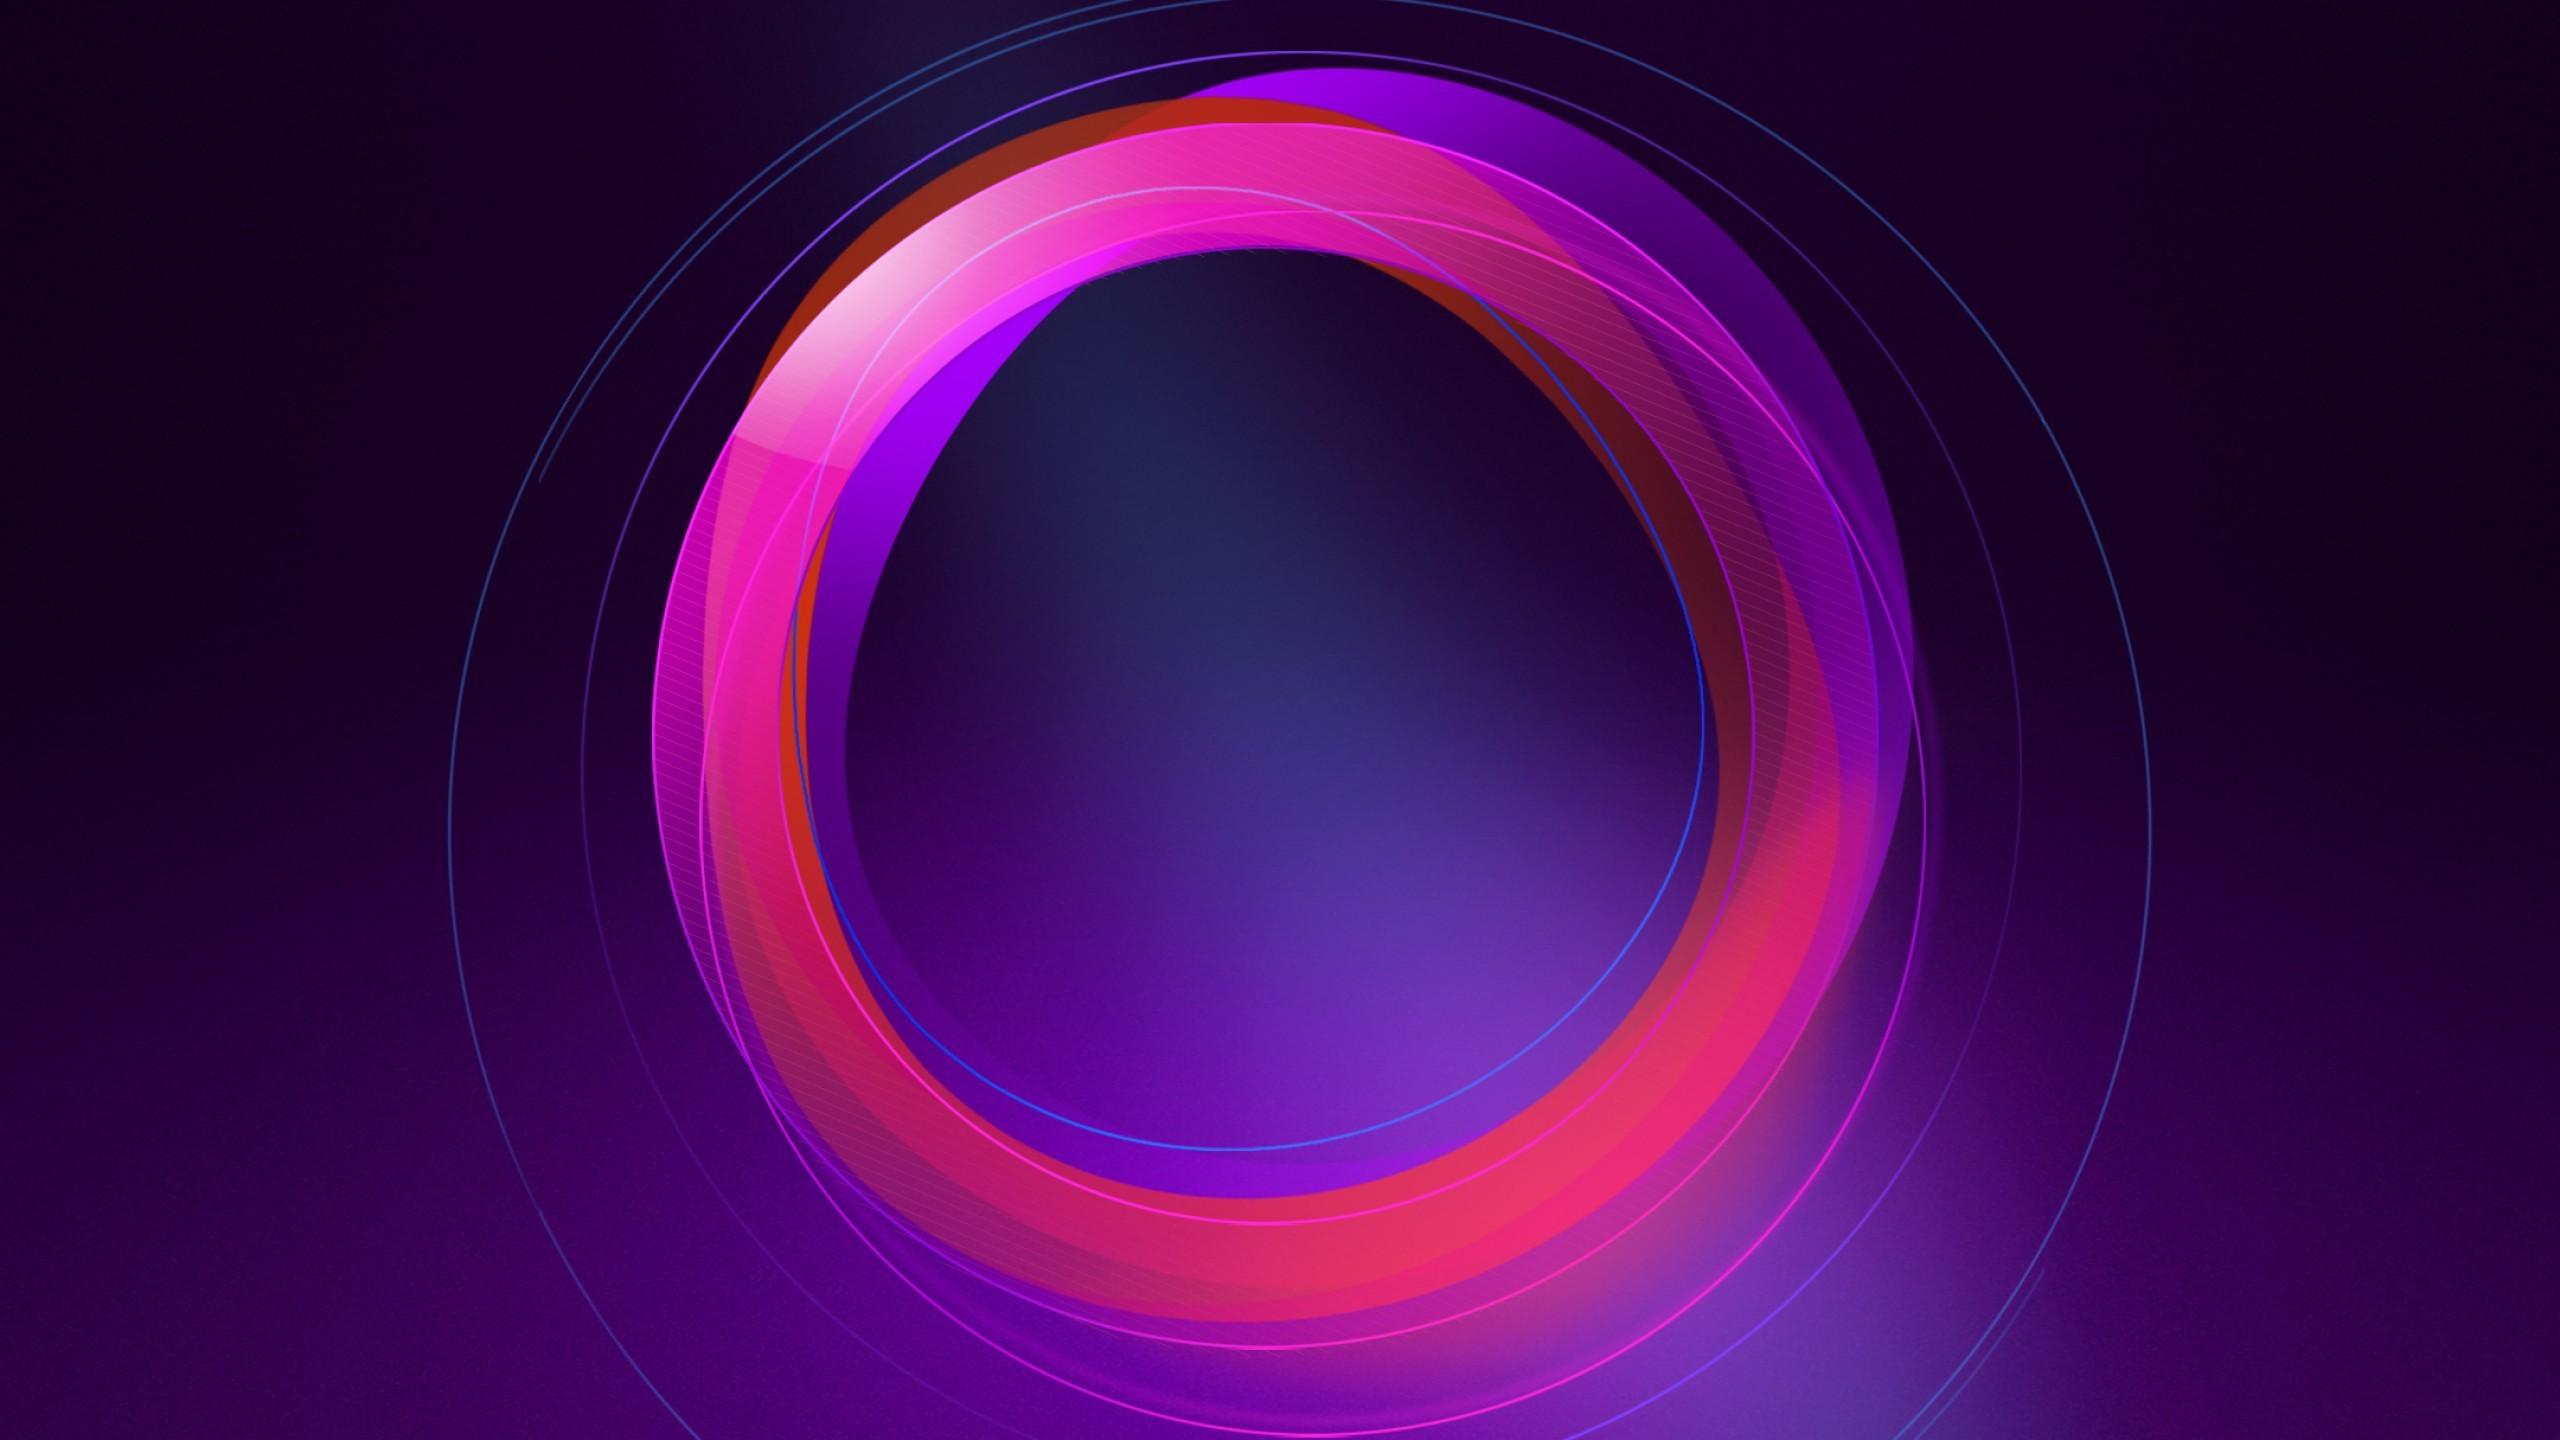 Abstract / Circles Wallpaper. Circles, Pink, Purple, HD